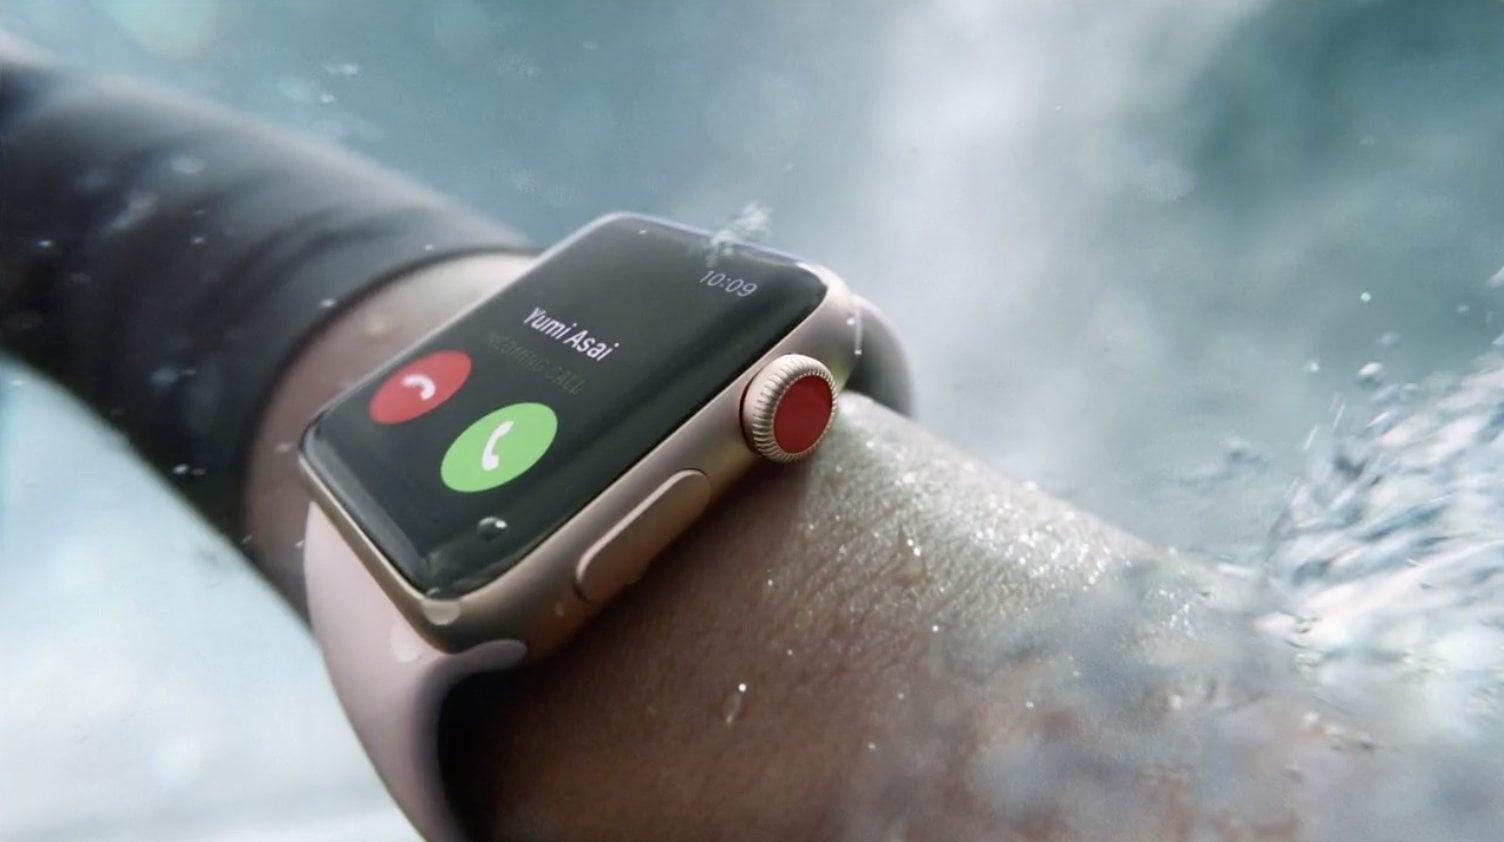 Wydawało się, że Apple Watch 3. generacji nie zmieni nic, a zmienił sporo. Smartwatche notują wzrosty 32